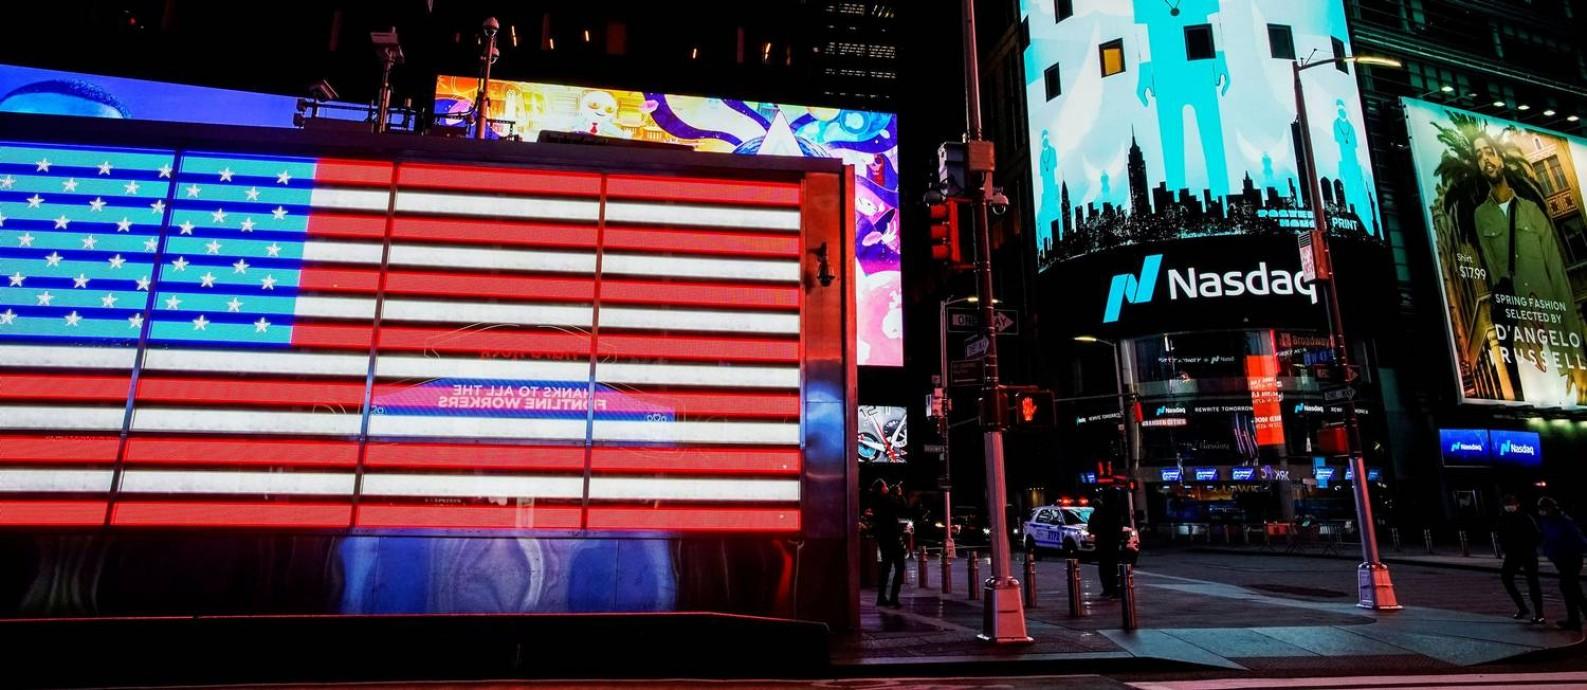 Times Square, em Nova York, já foi violenta e decadente. Floresceu para o turismo e negócios após revitalização Foto: Eduardo Munoz / REUTERS/23-4-2020